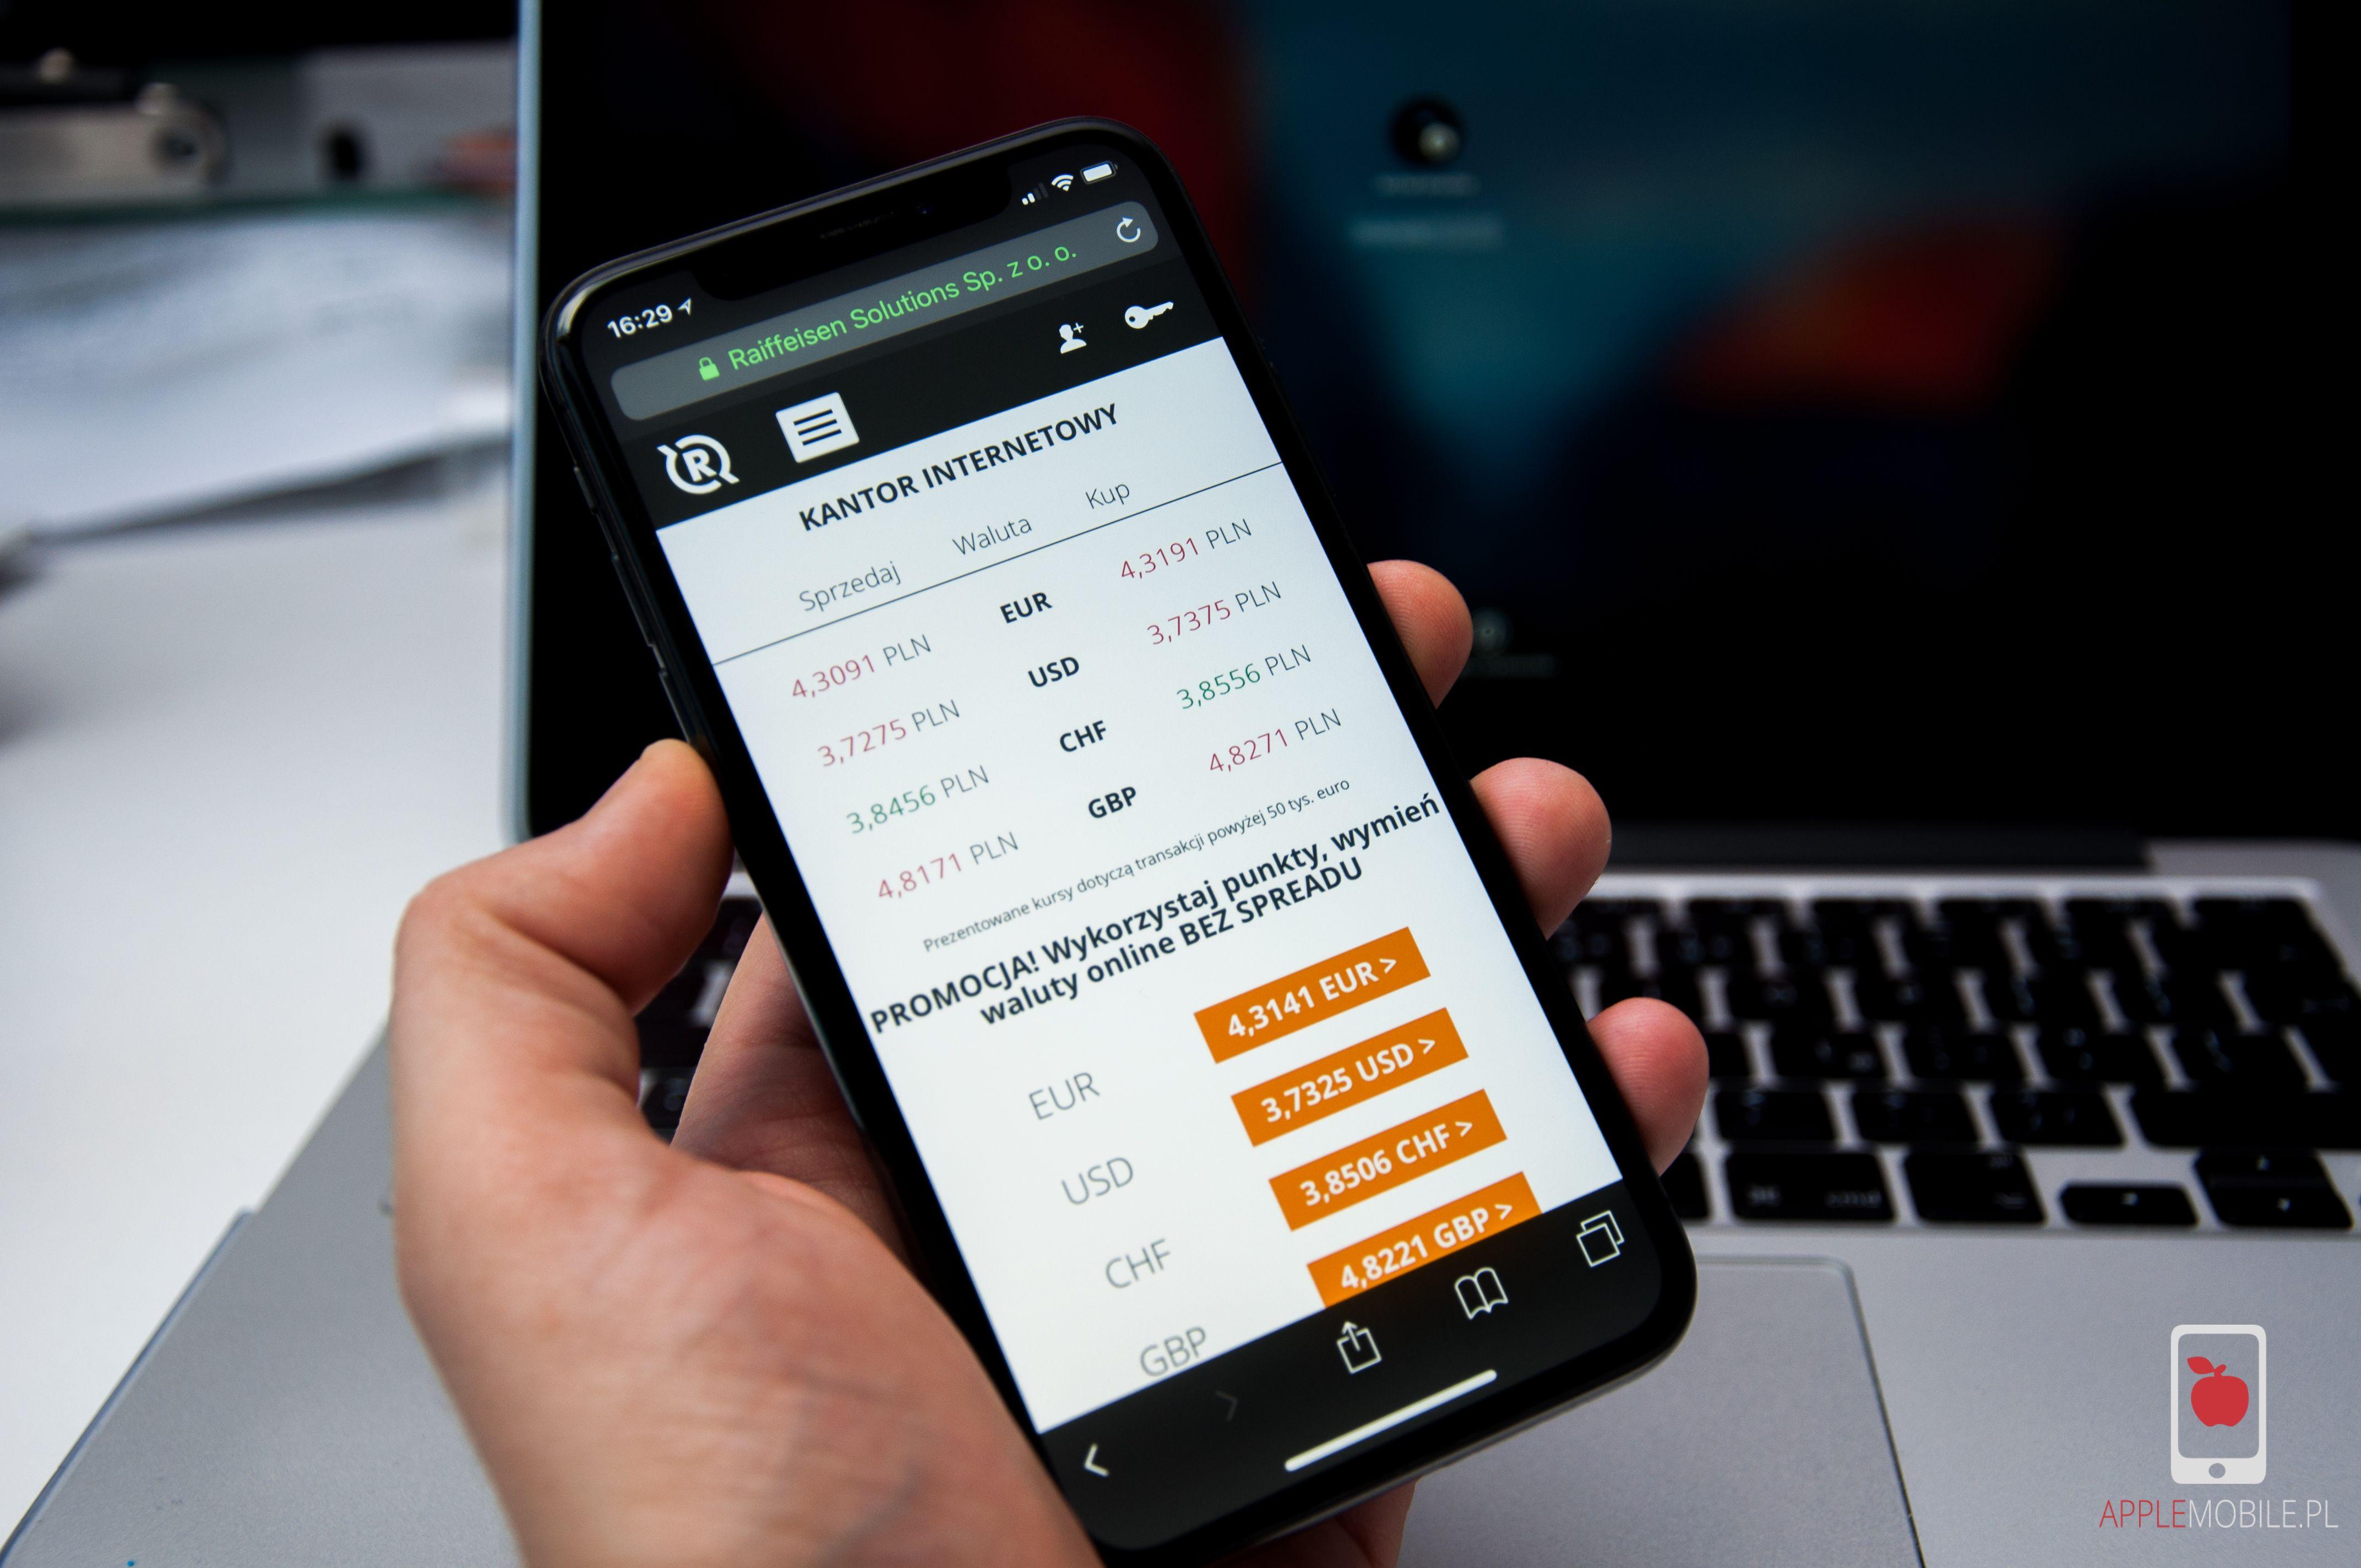 Jak kupić szybko, tanio i bezpiecznie waluty na iPhonie? W rKantor.com